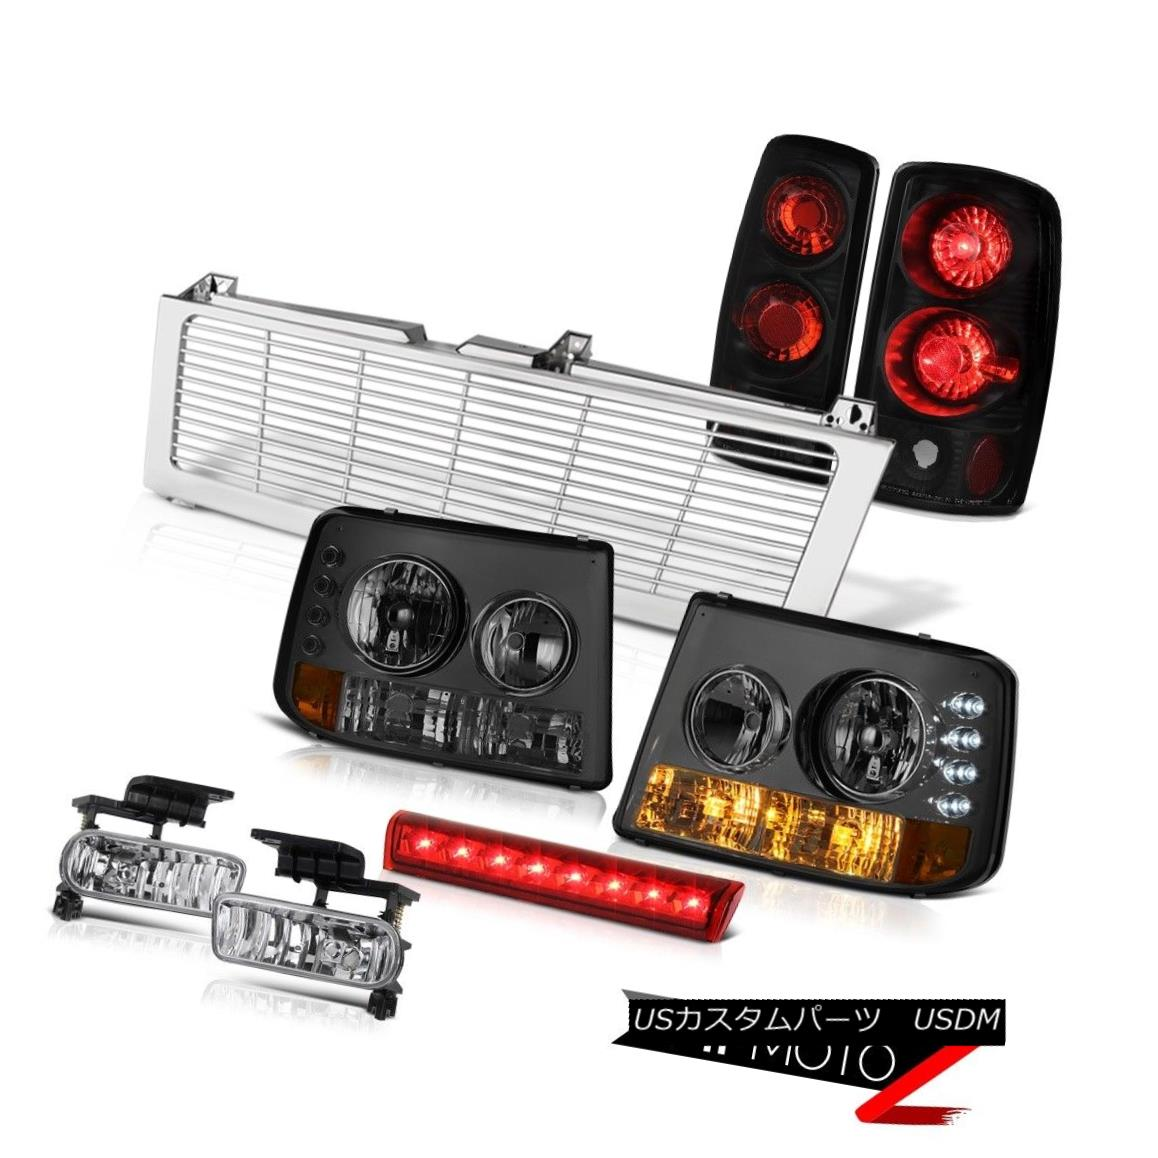 テールライト Tinted Parking Headlamps Rear Brake Lights Fog Third LED Chrome 00-06 Tahoe 4.8L 着色駐車場ヘッドランプリアブレーキライトフォグサードLEDクローム00-06タホ4.8L